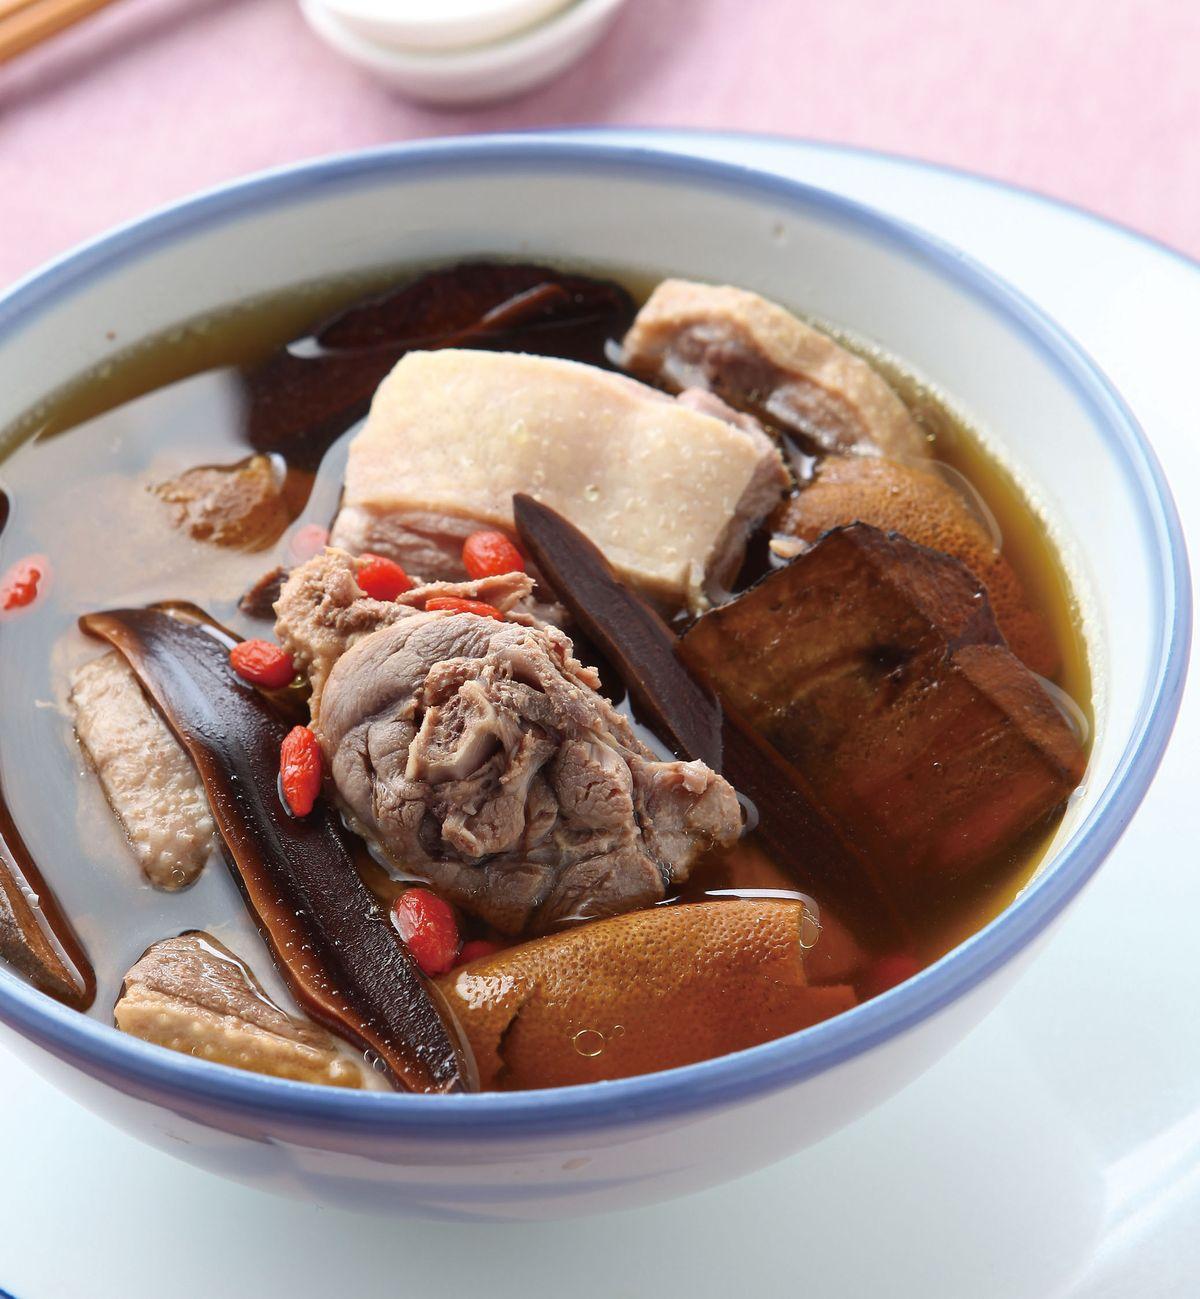 食譜:陳皮靈芝老鴨湯